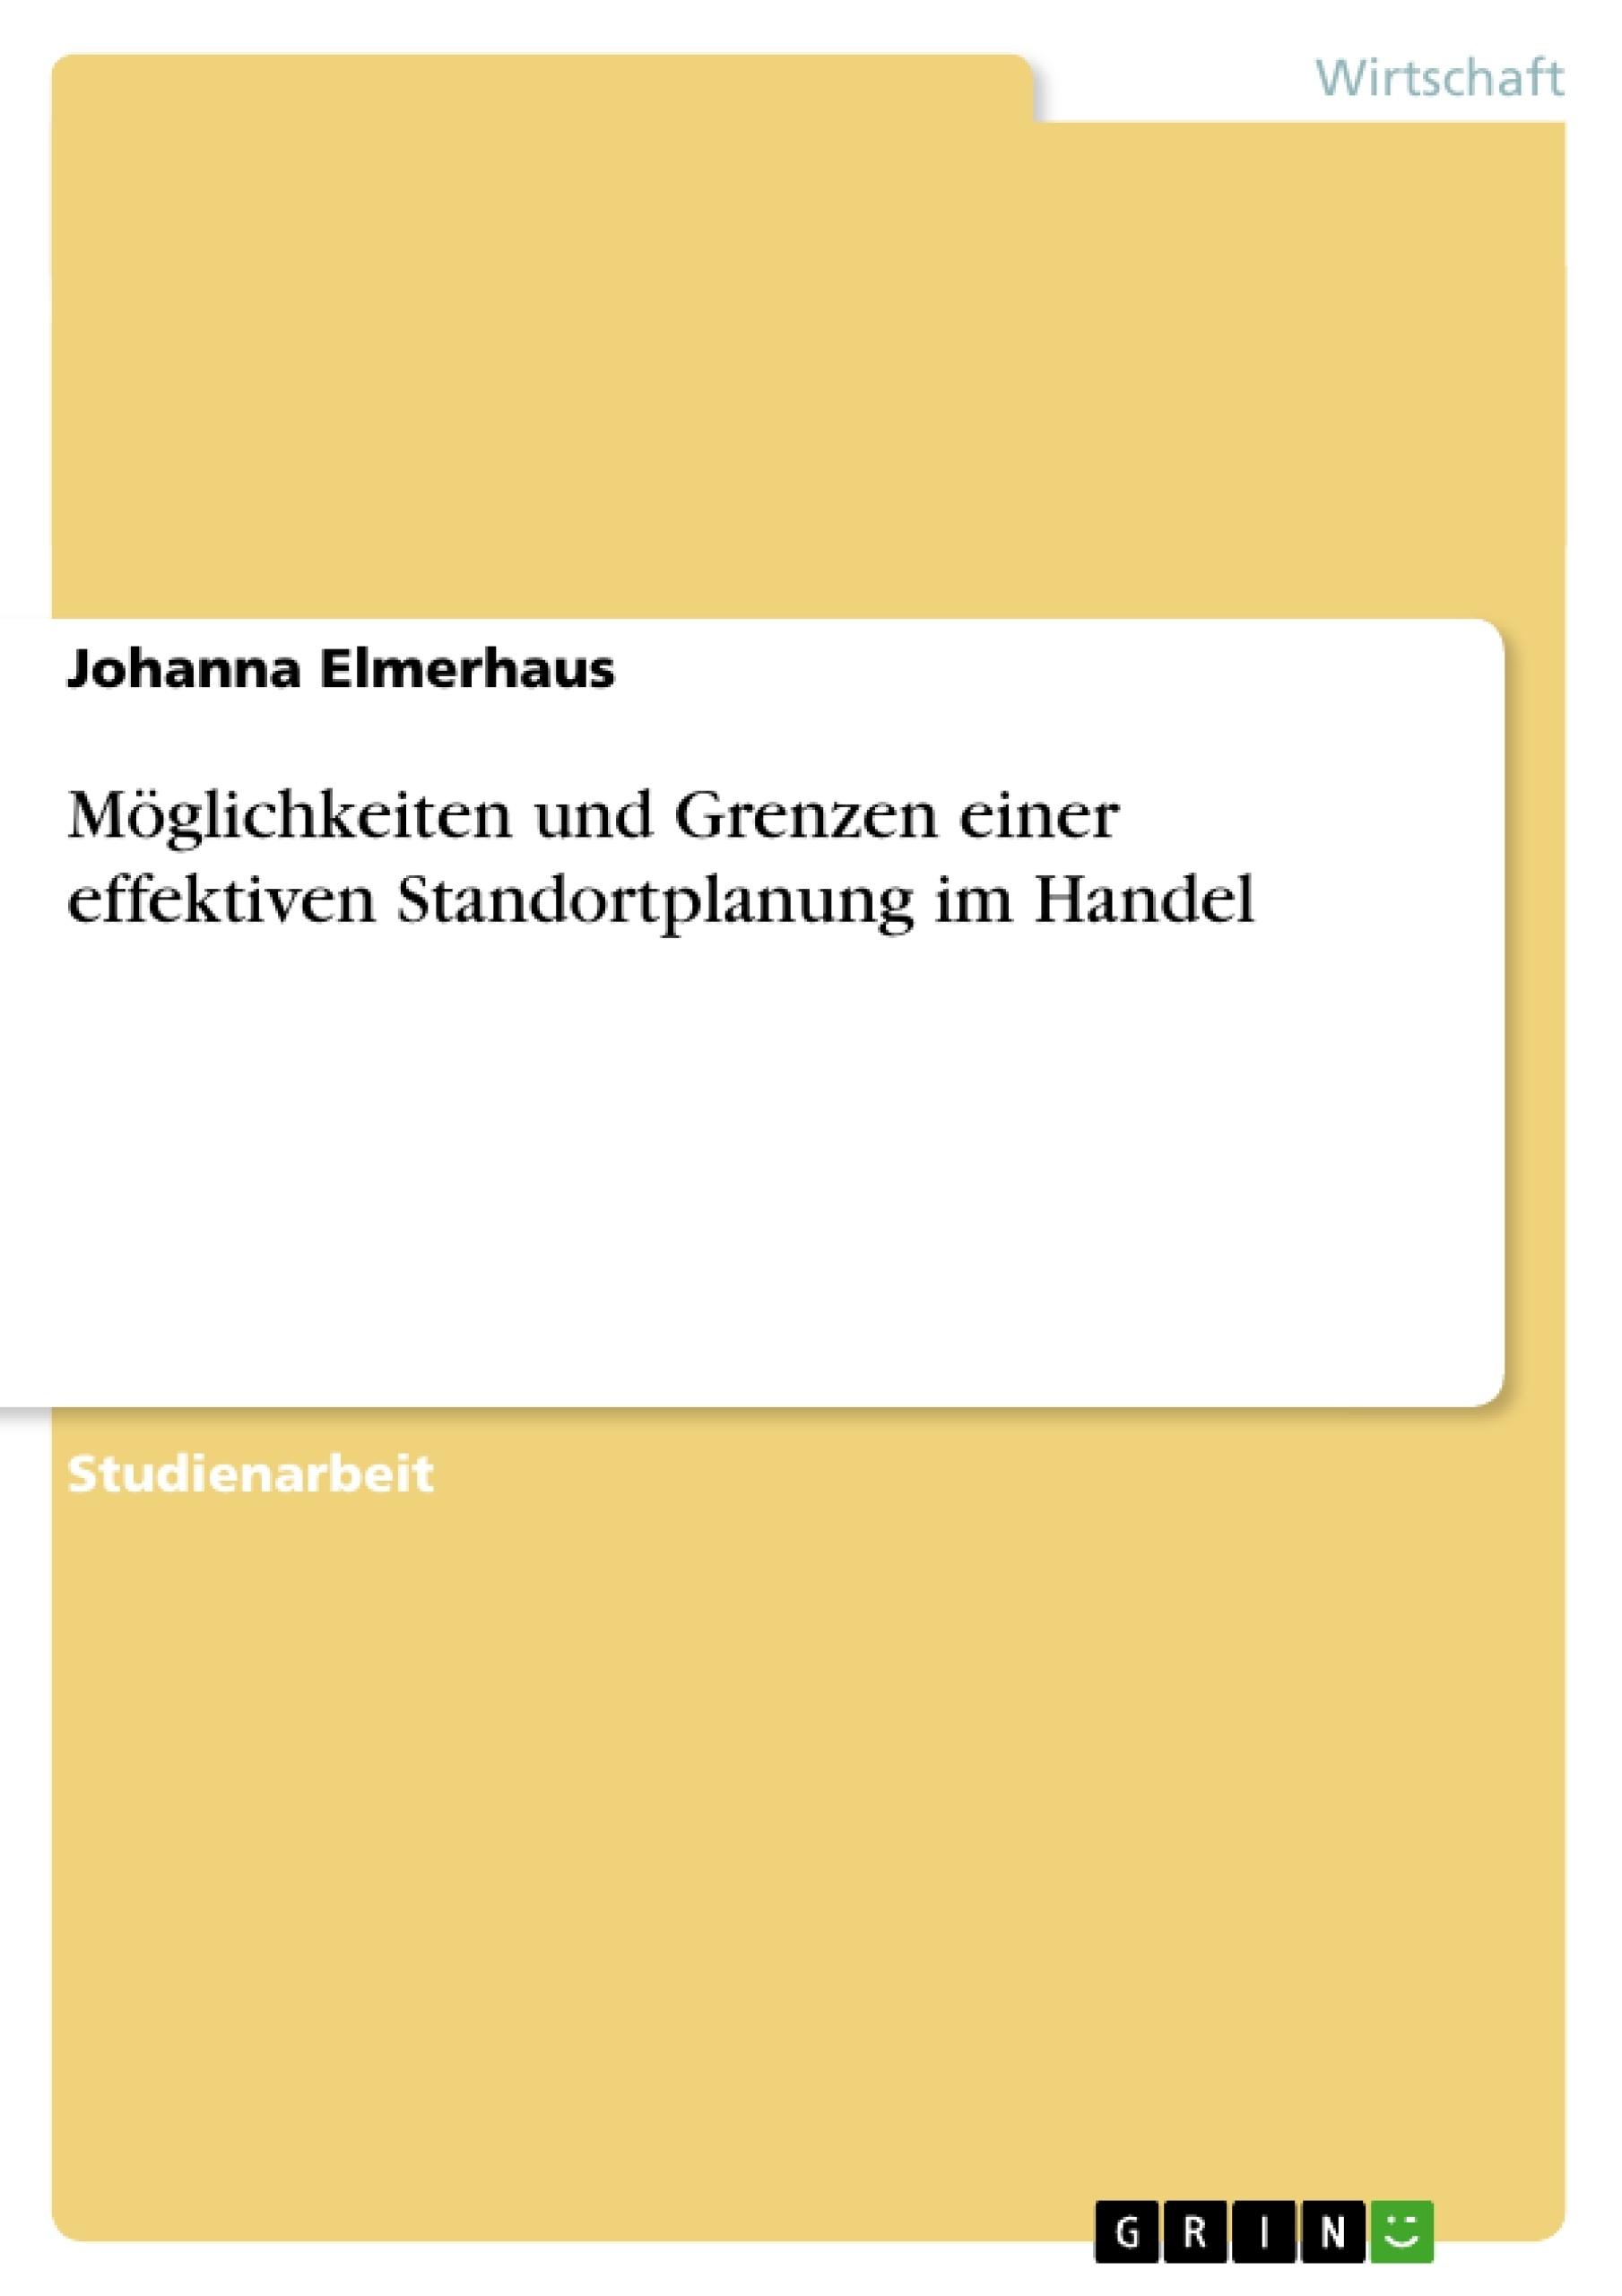 Titel: Möglichkeiten und Grenzen einer effektiven Standortplanung im Handel